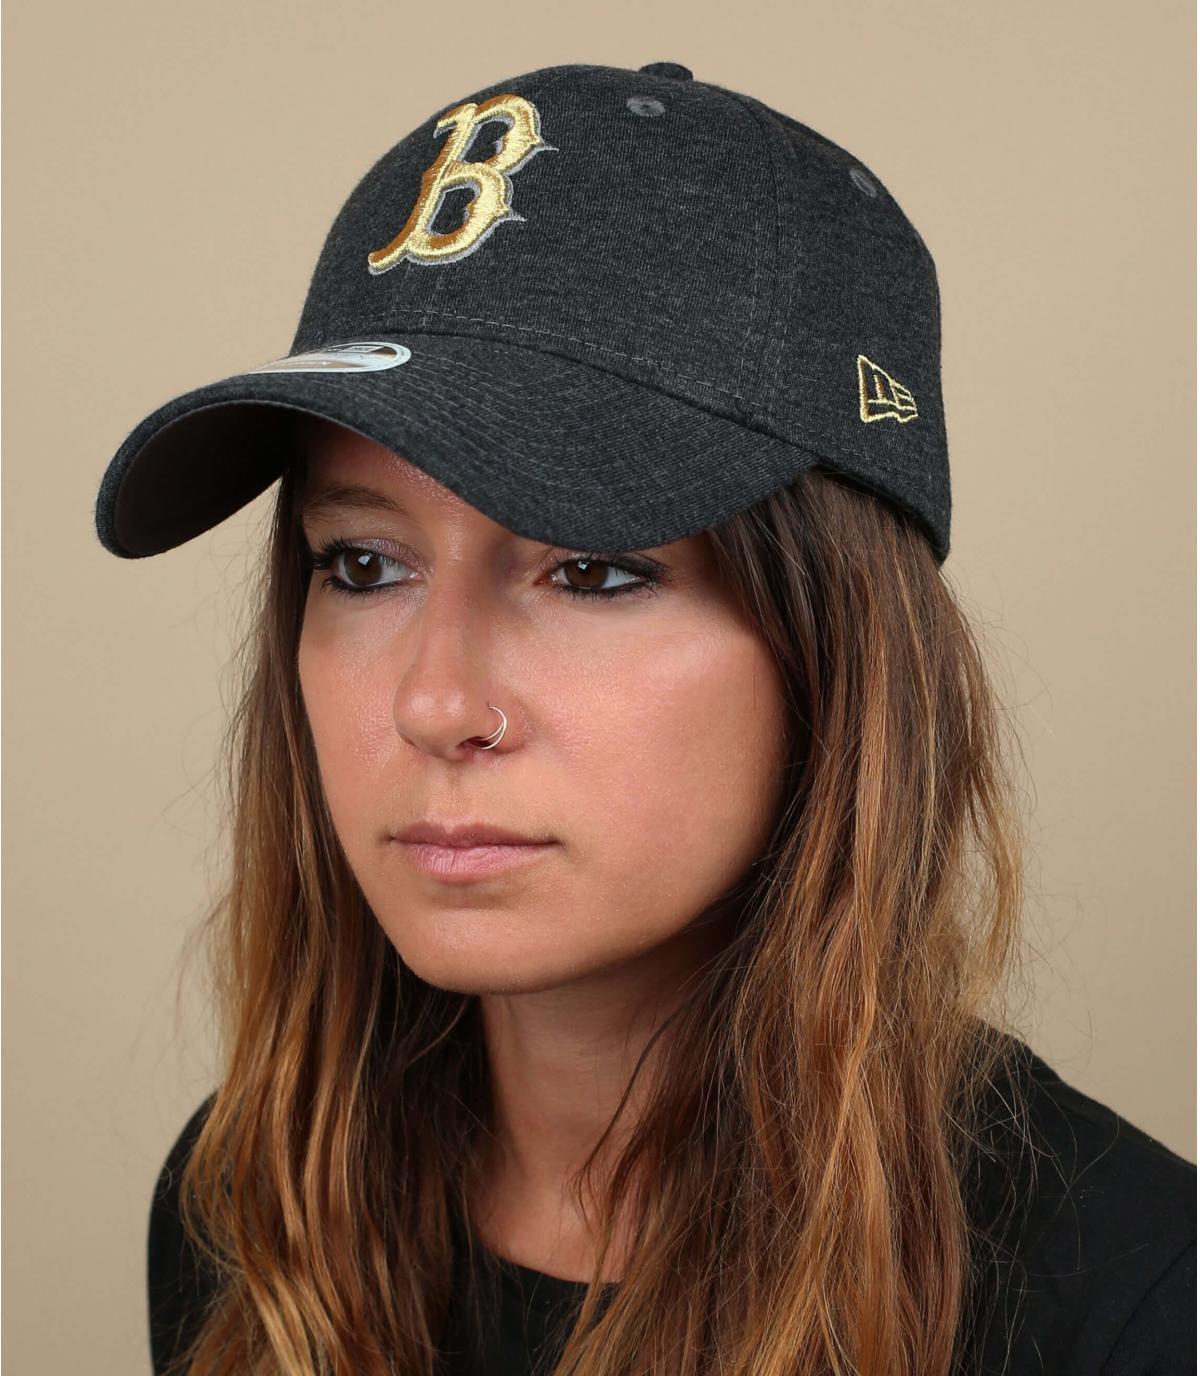 Damen Cap B grau gold